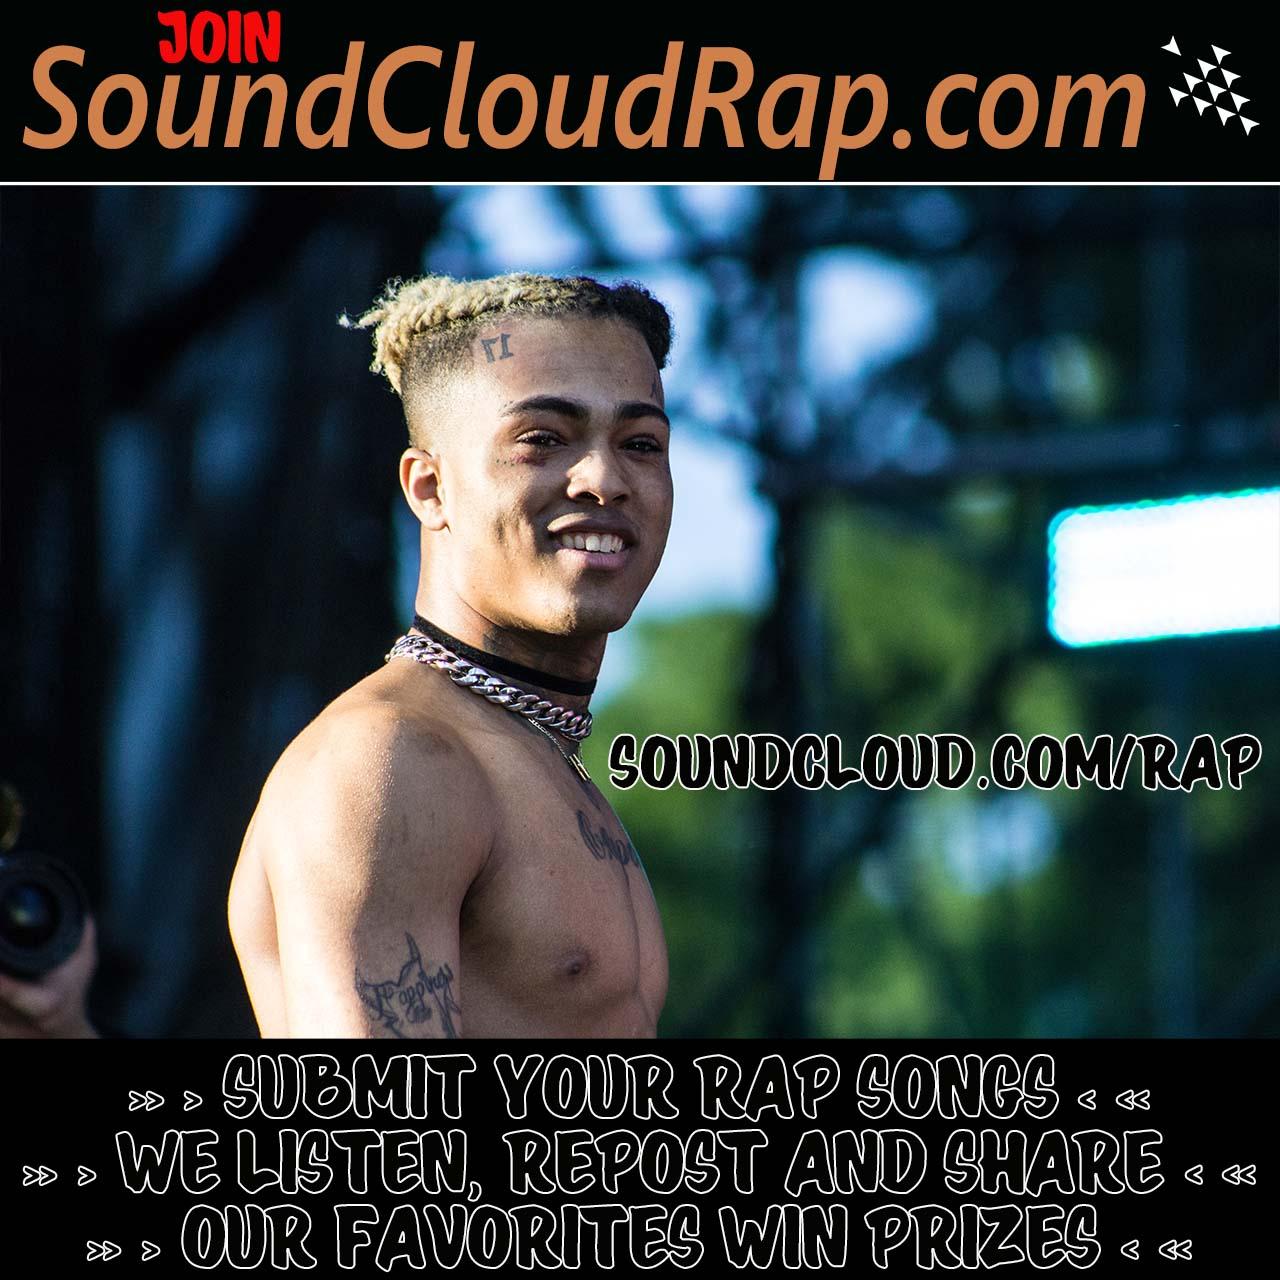 SoundCloud Rap: Song Submissions